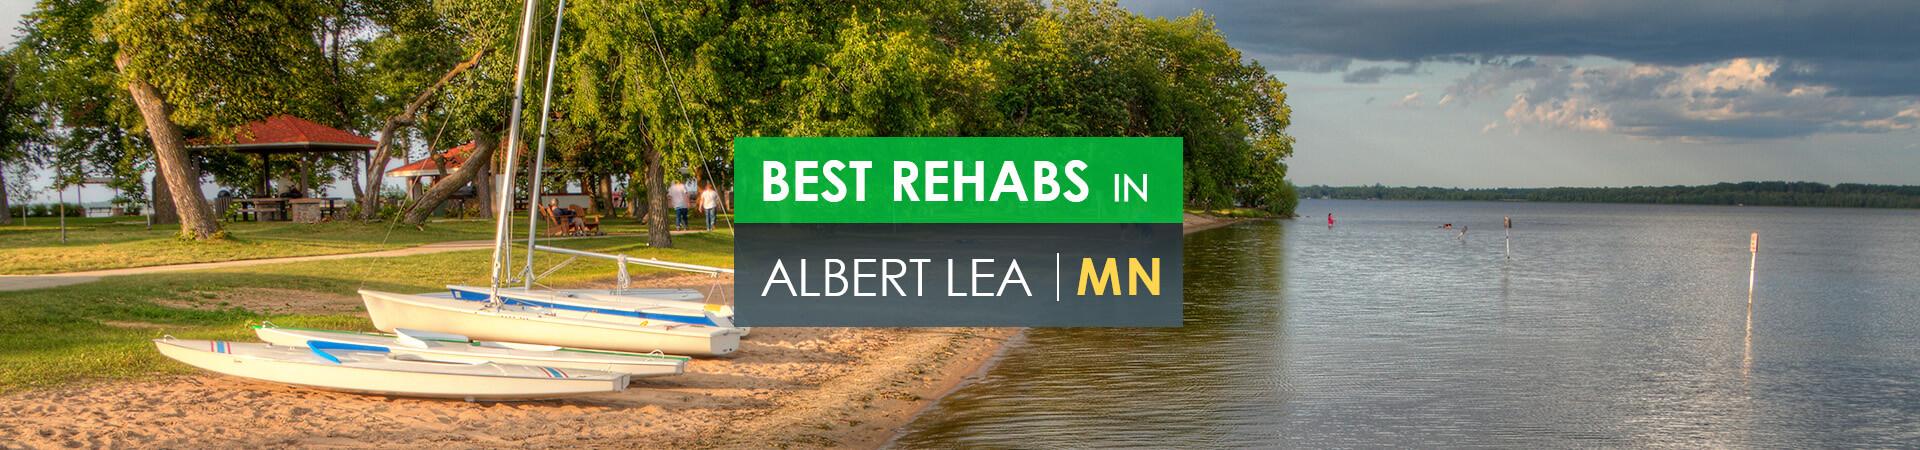 Best rehabs in Albert Lea, MN